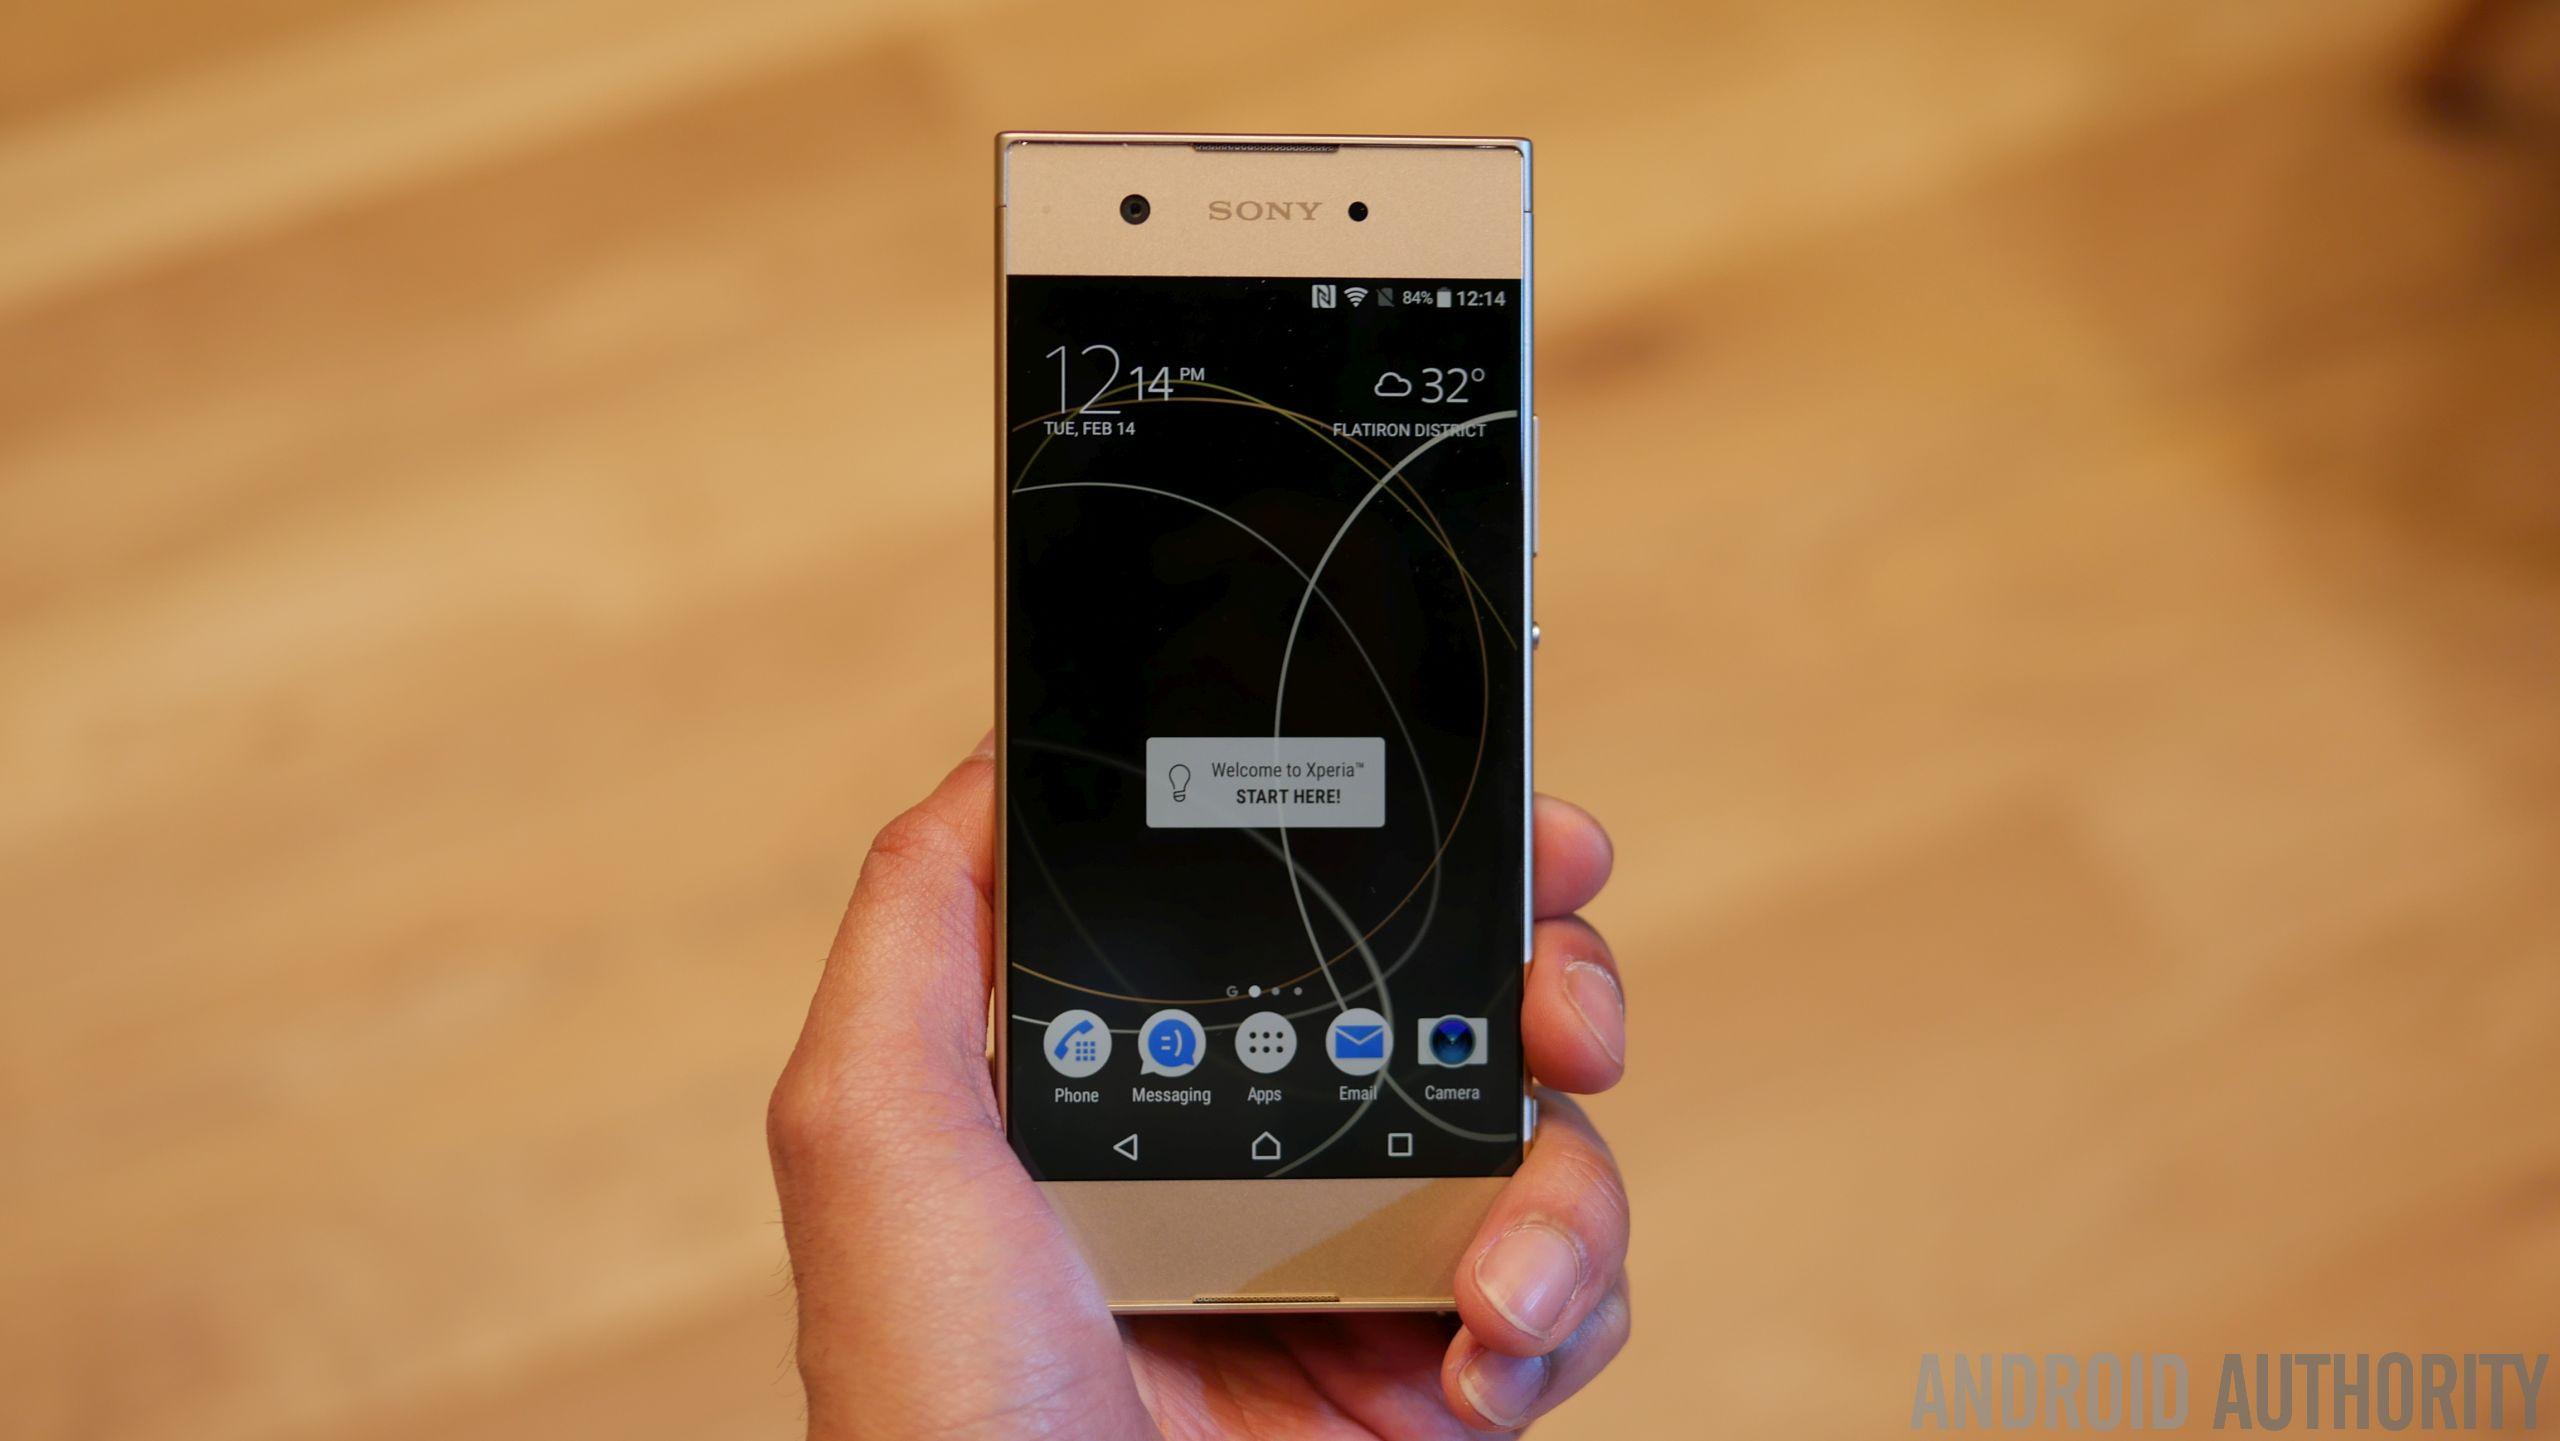 Sony xperia xa1 and xa1 ultra hands on android authority - Sony Xperia Xa1 And Xa1 Ultra Hands On Android Authority 2